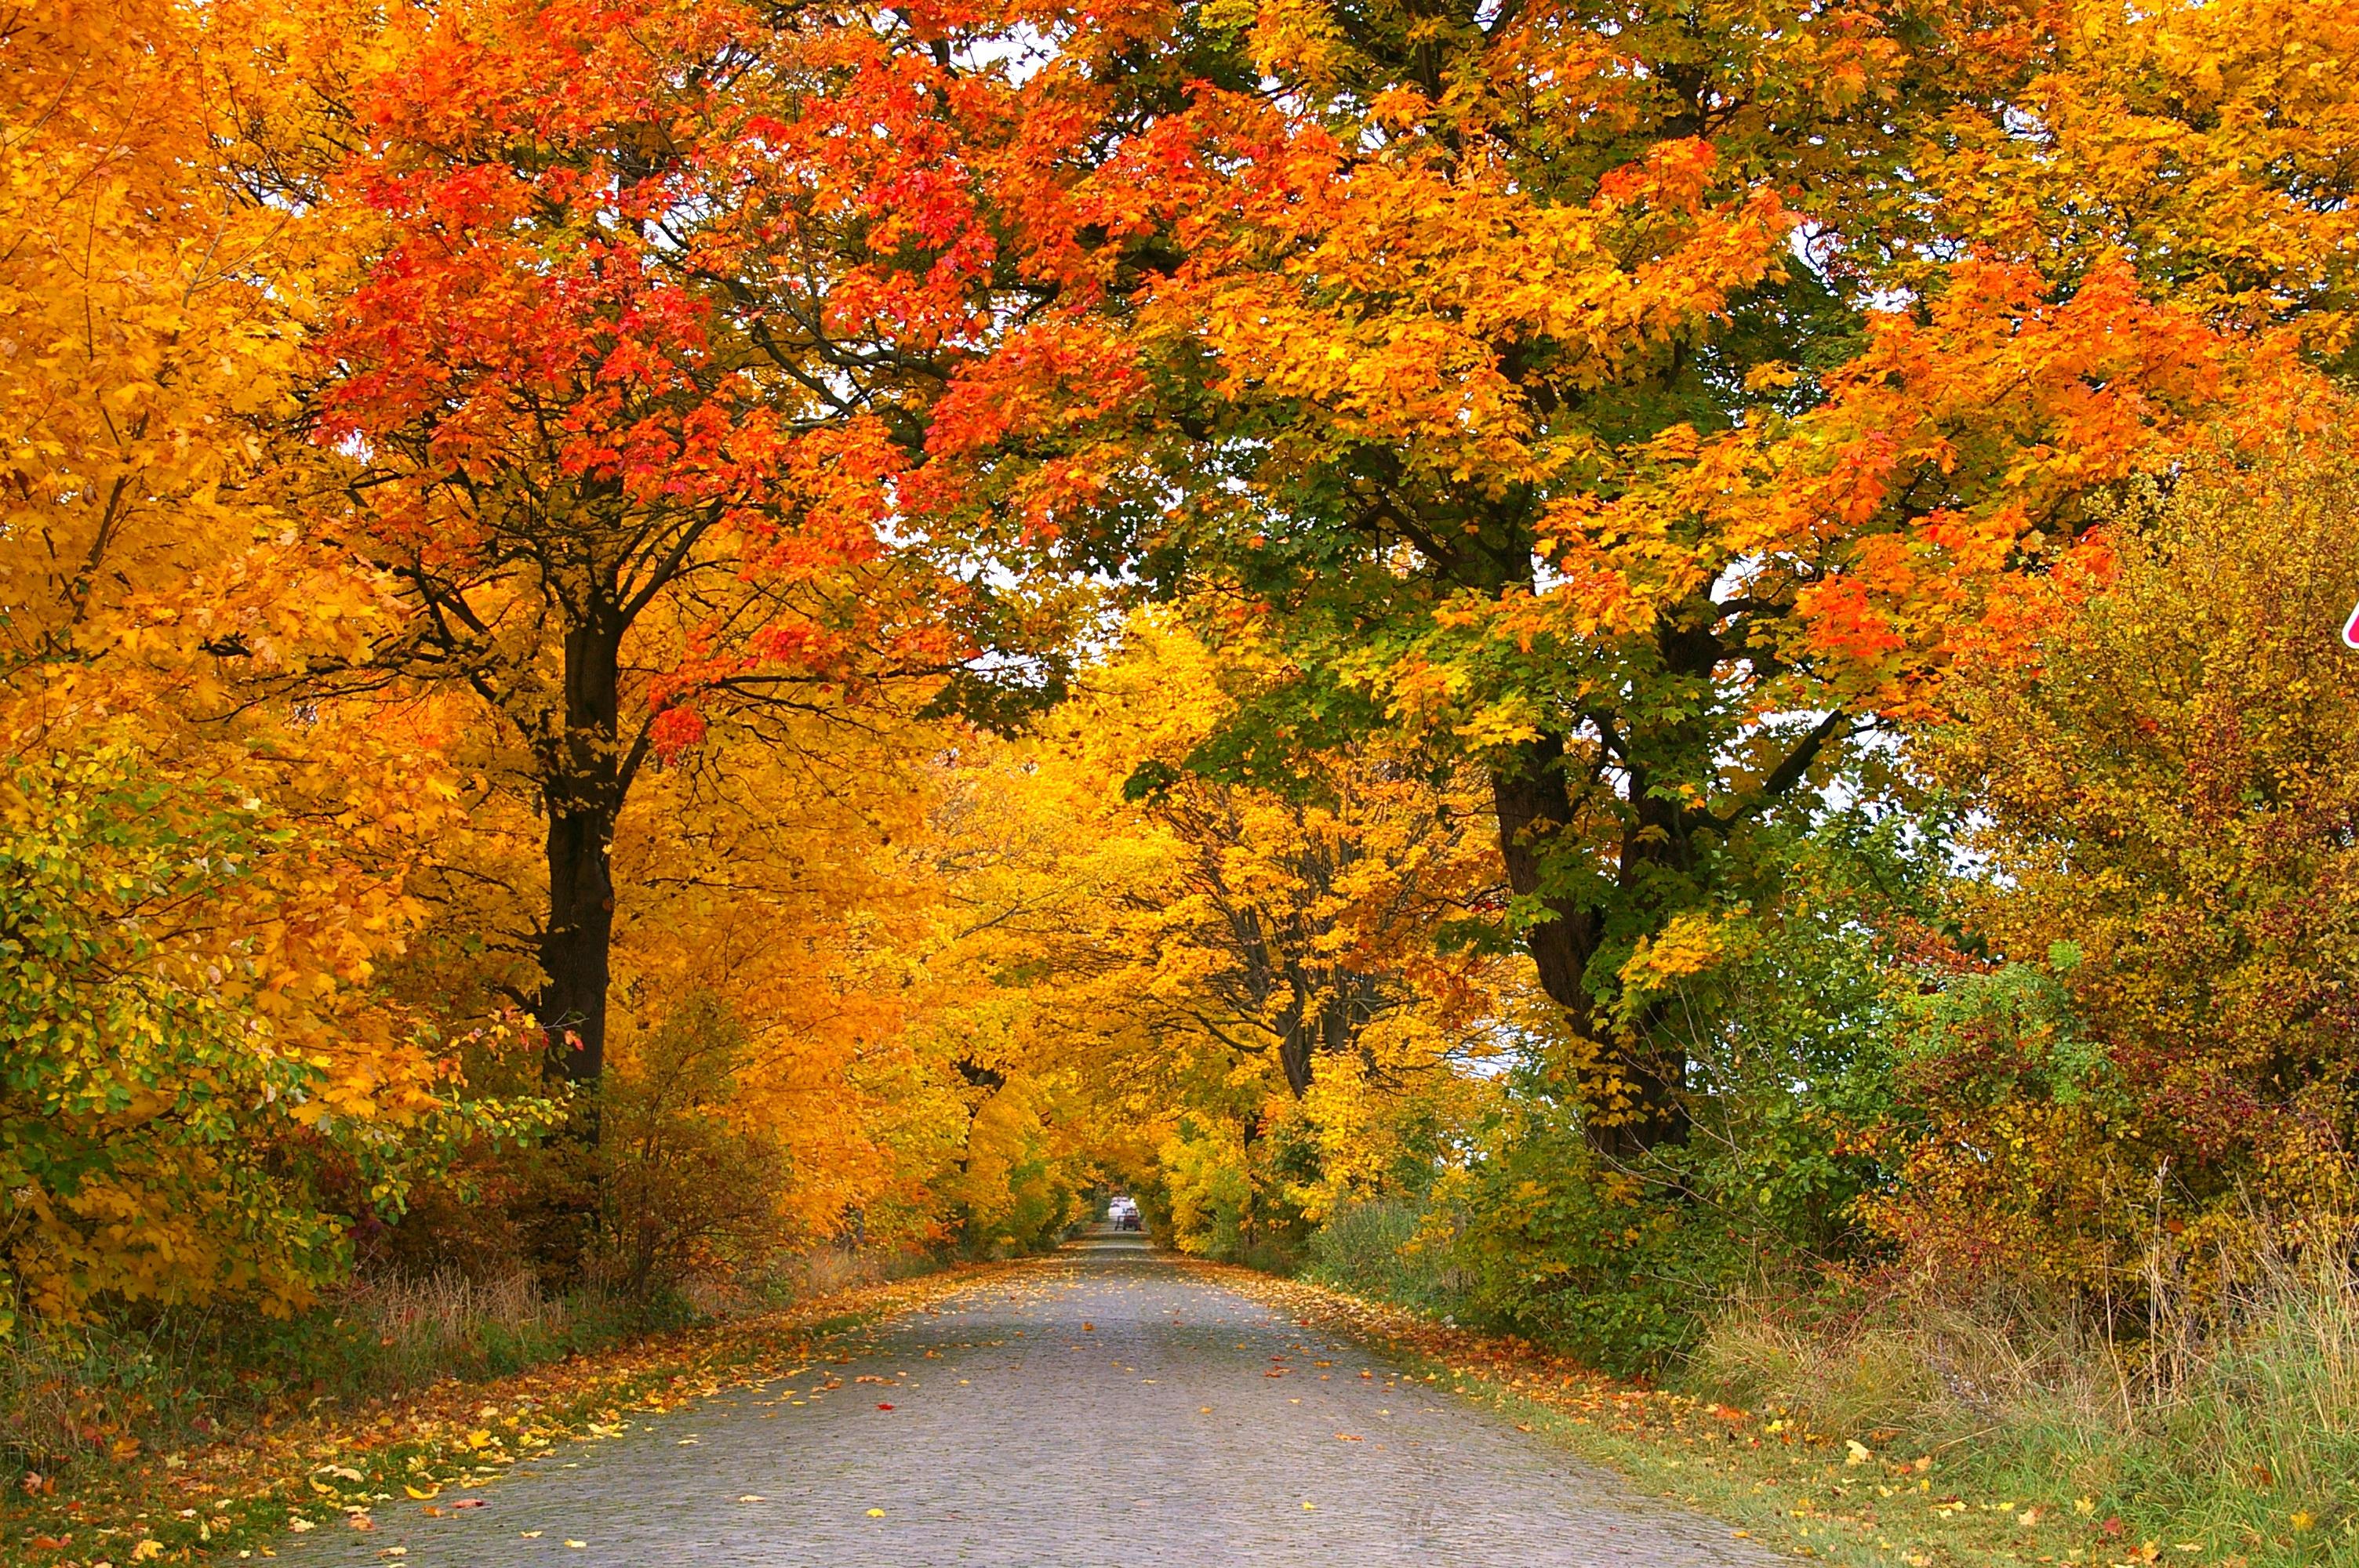 Fotoğraf Peyzaj Doğa Yol Tünel Asfalt Kuru Yeşillik Altın